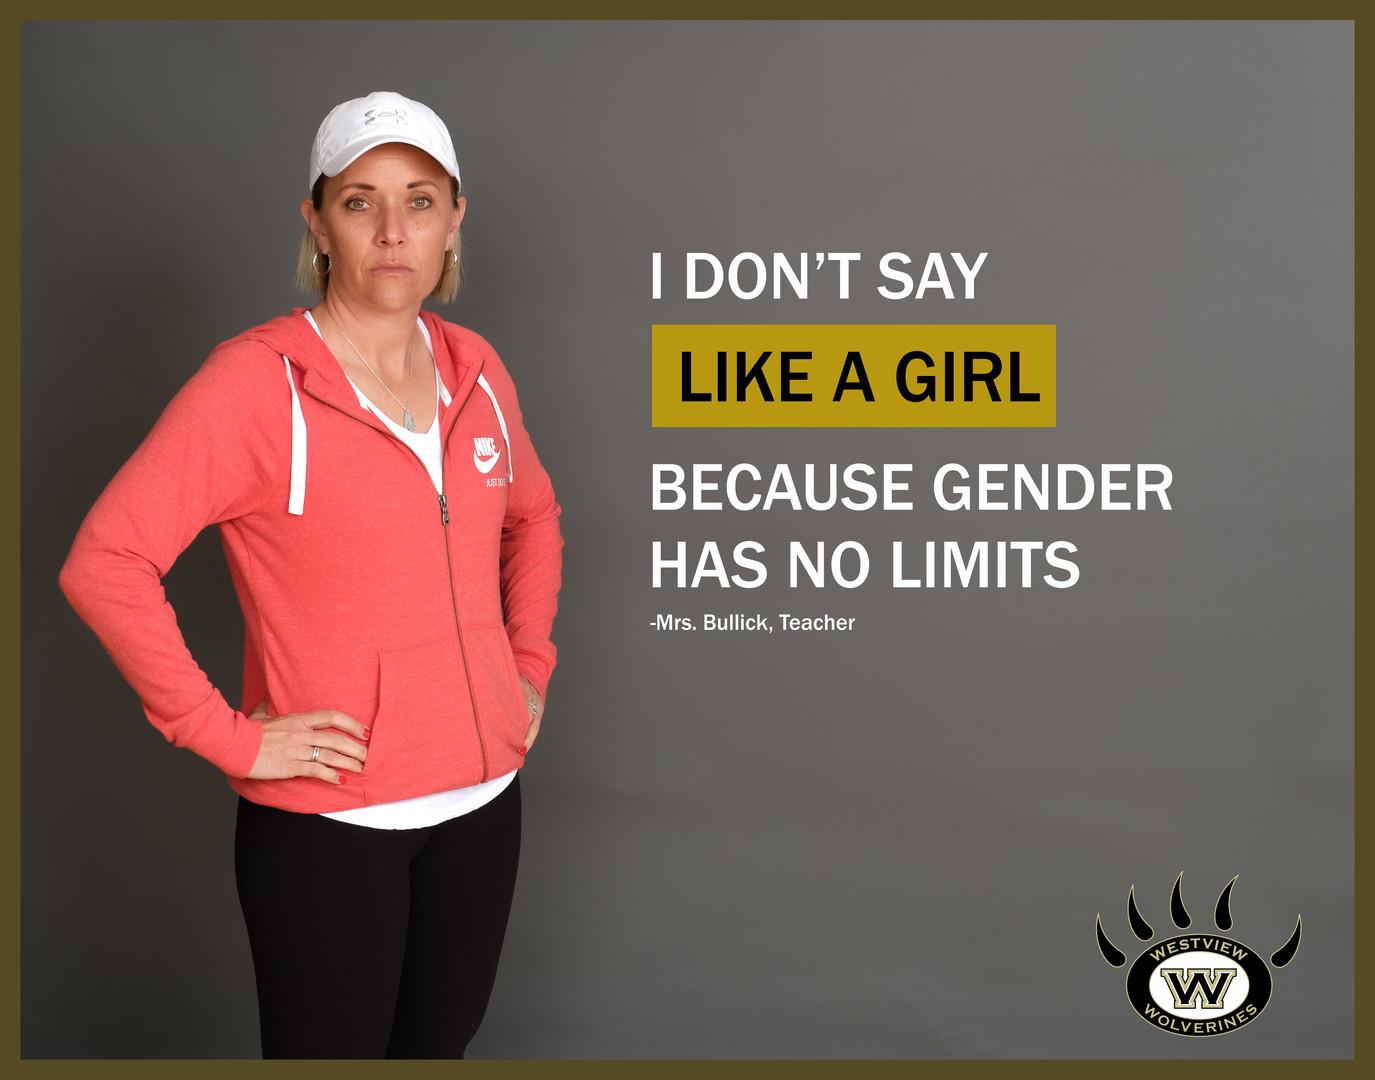 WV LM mrs bullick.jpg